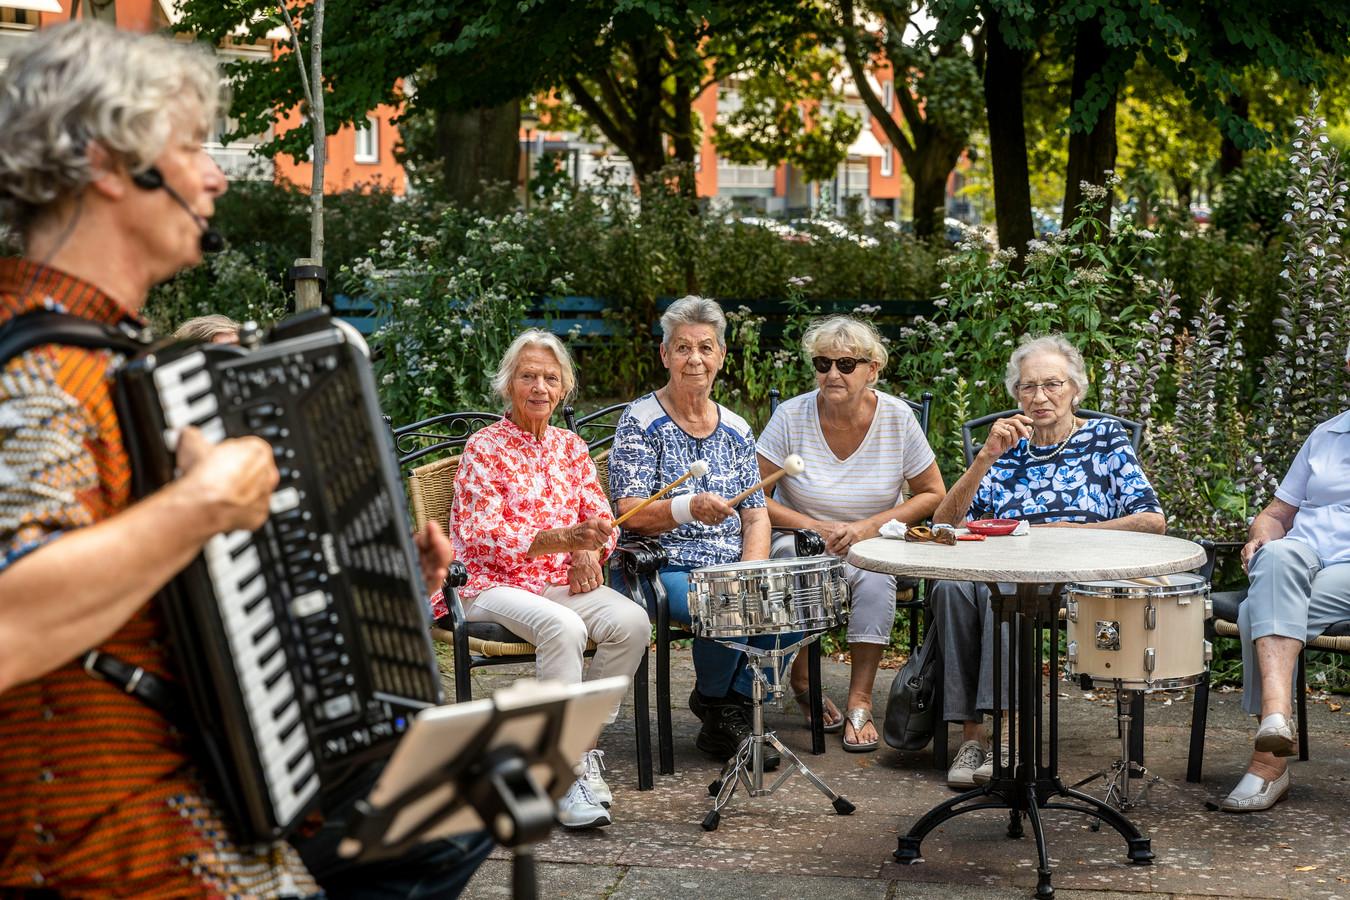 Muziekcoach Willem van der Heijden begeleidt de bewoners van woonzorgcentrum Akert in Geldrop met zijn accordeon.